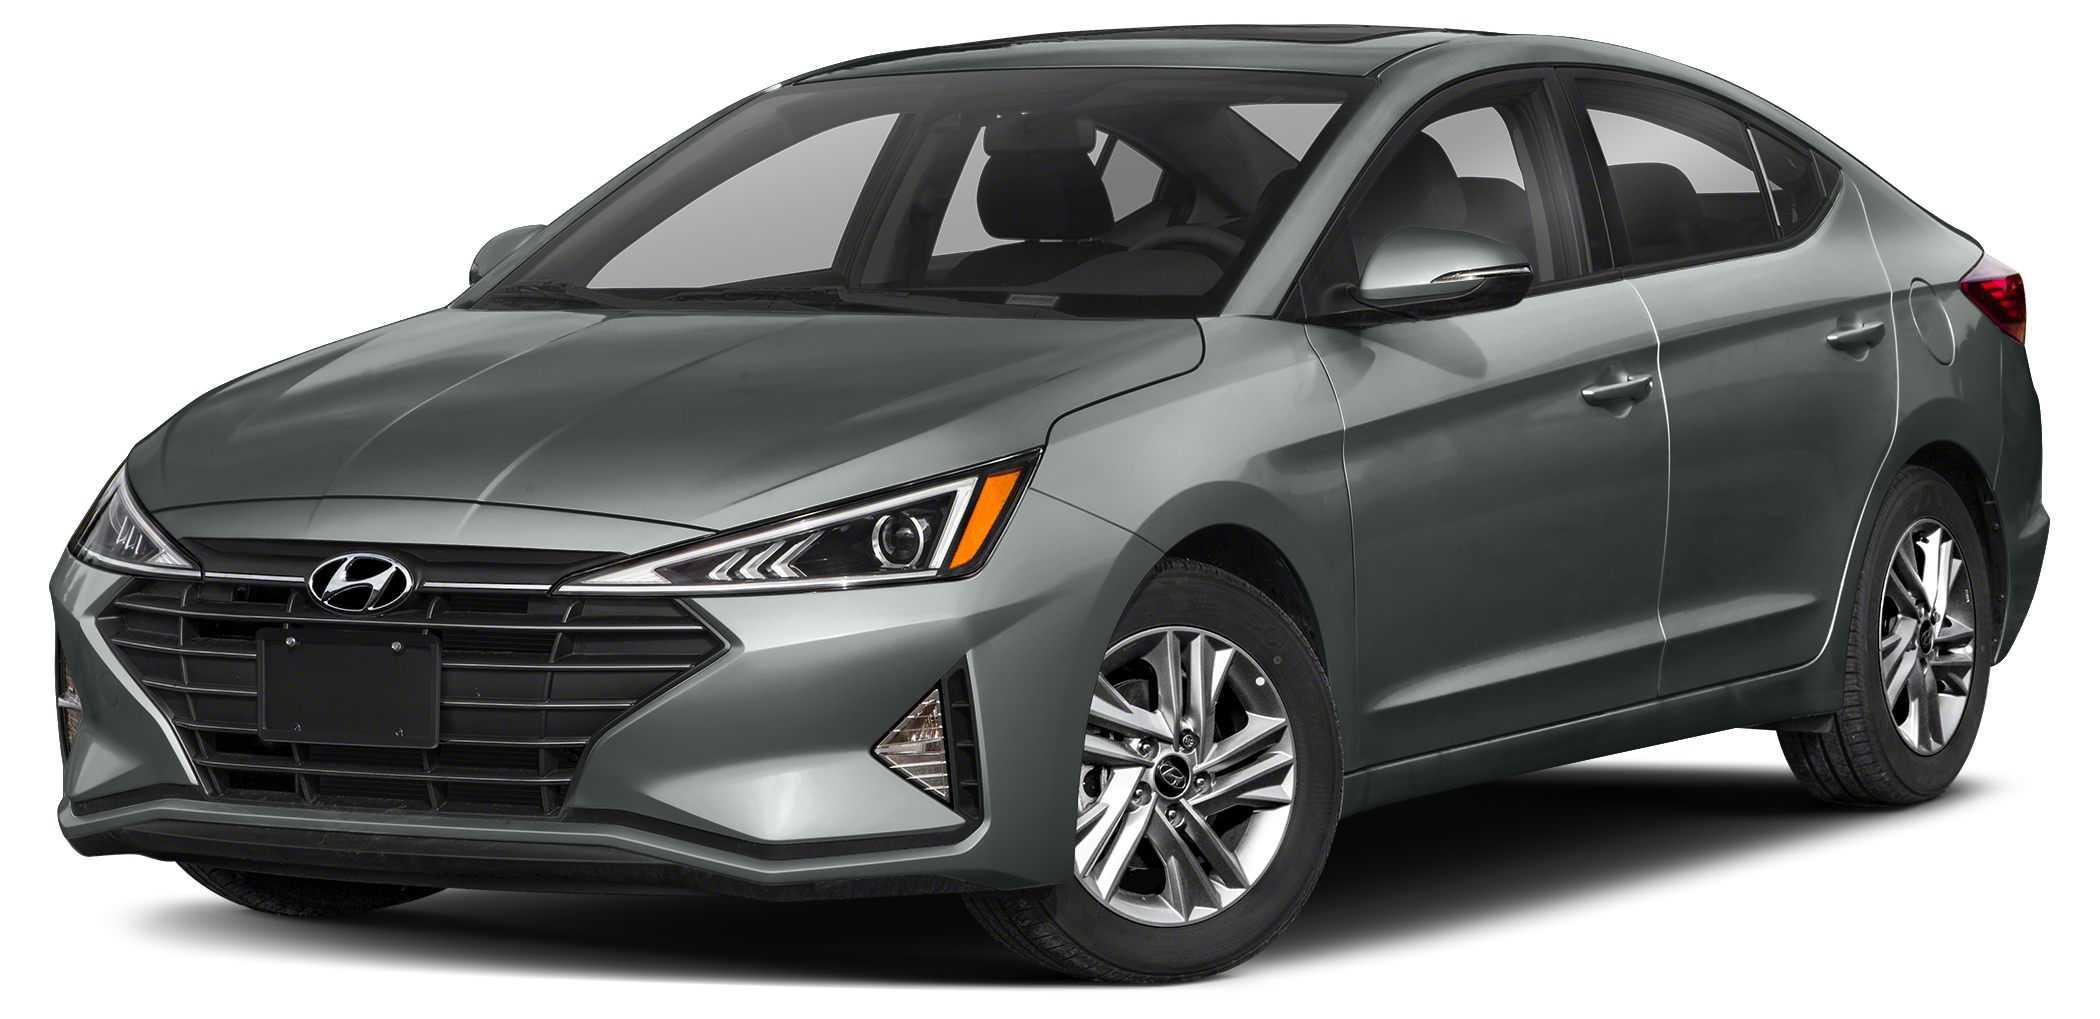 5NPD84LF9LH540410 Hyundai Elantra / Lantra / i30 / Avante 2020